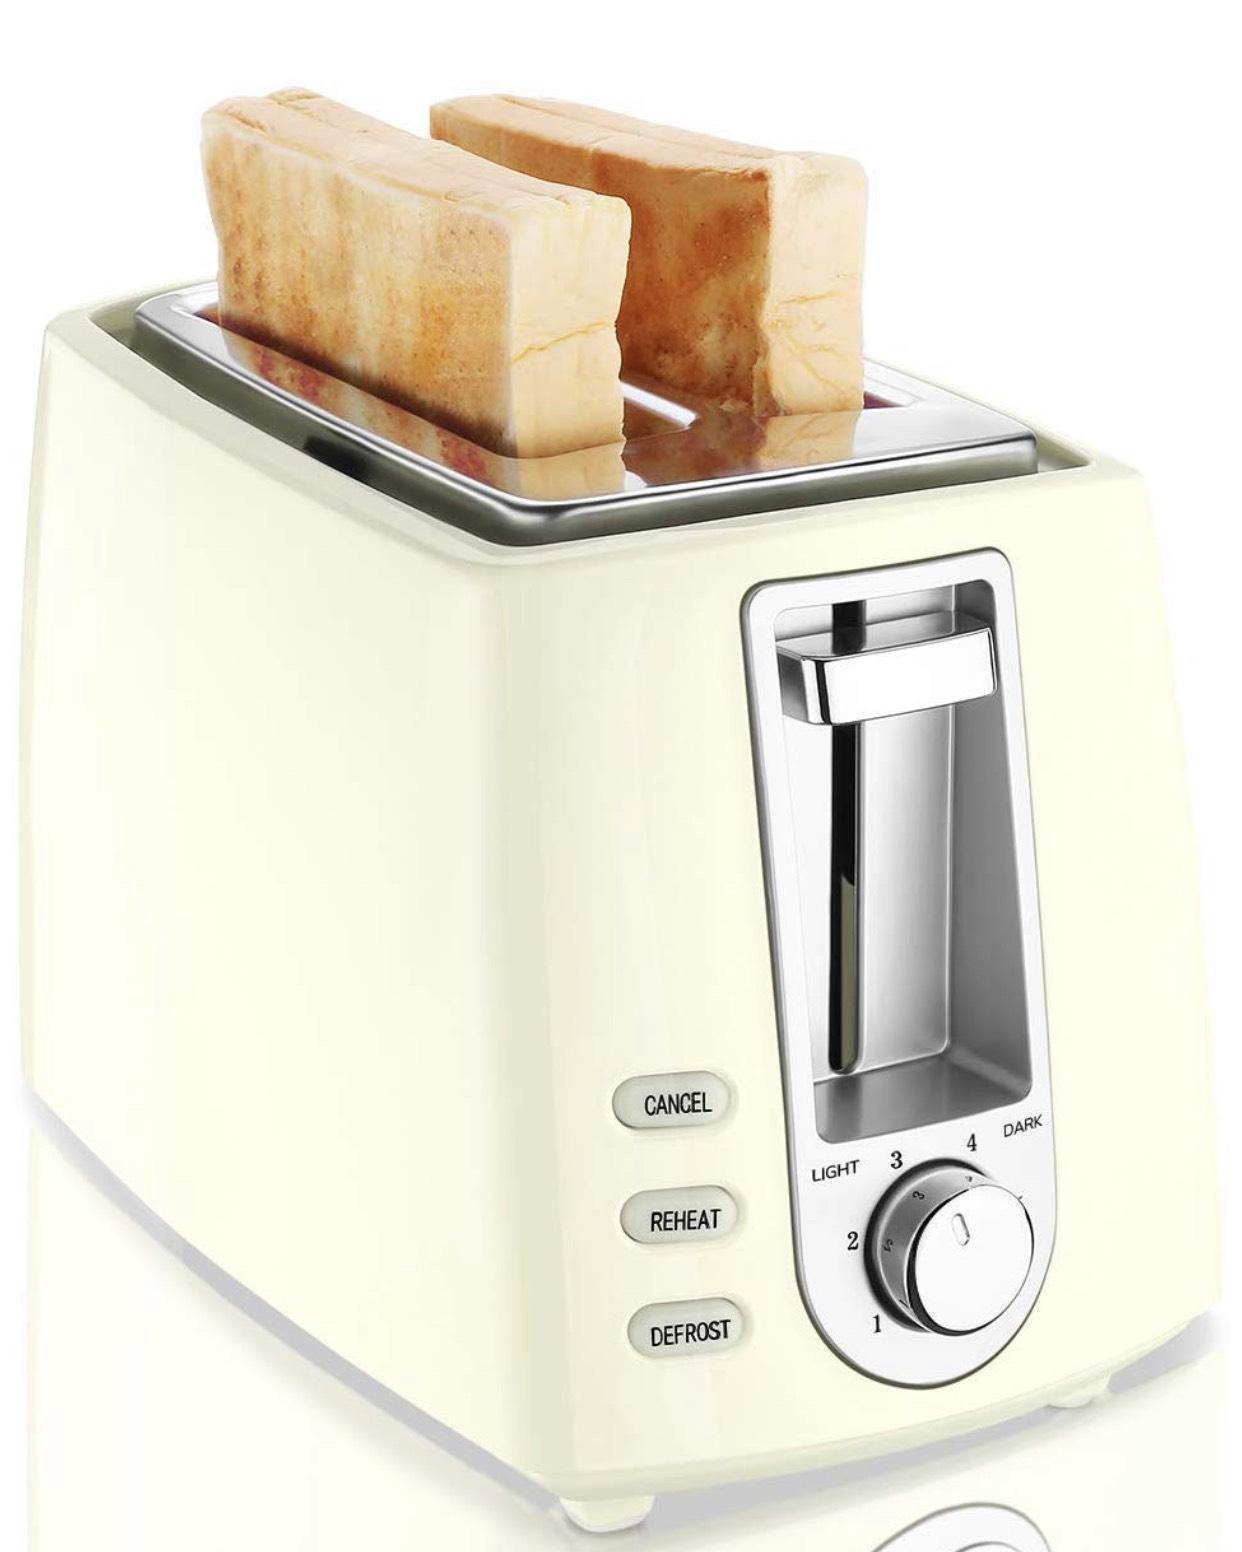 CUSIBOX 2-Scheiben Toaster 750W mit 6 Bräunungsstufen Auftauen, Aufwärmen und Abbrechen Funktionen